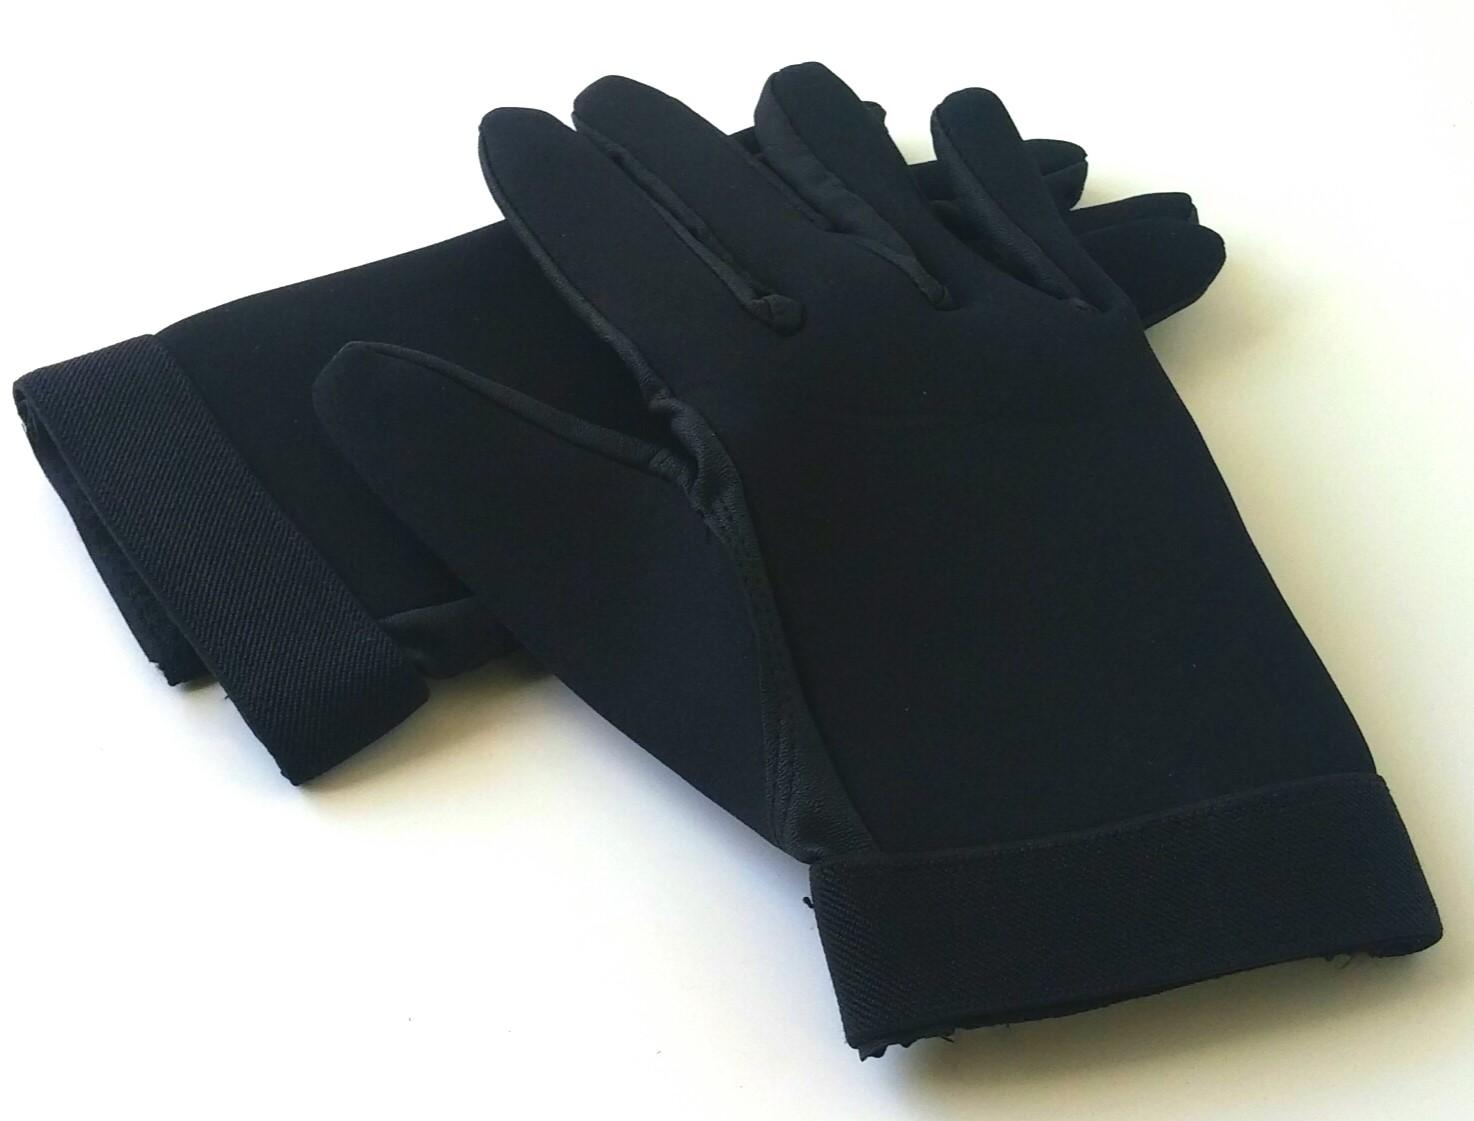 Neoprene combat gloves Black